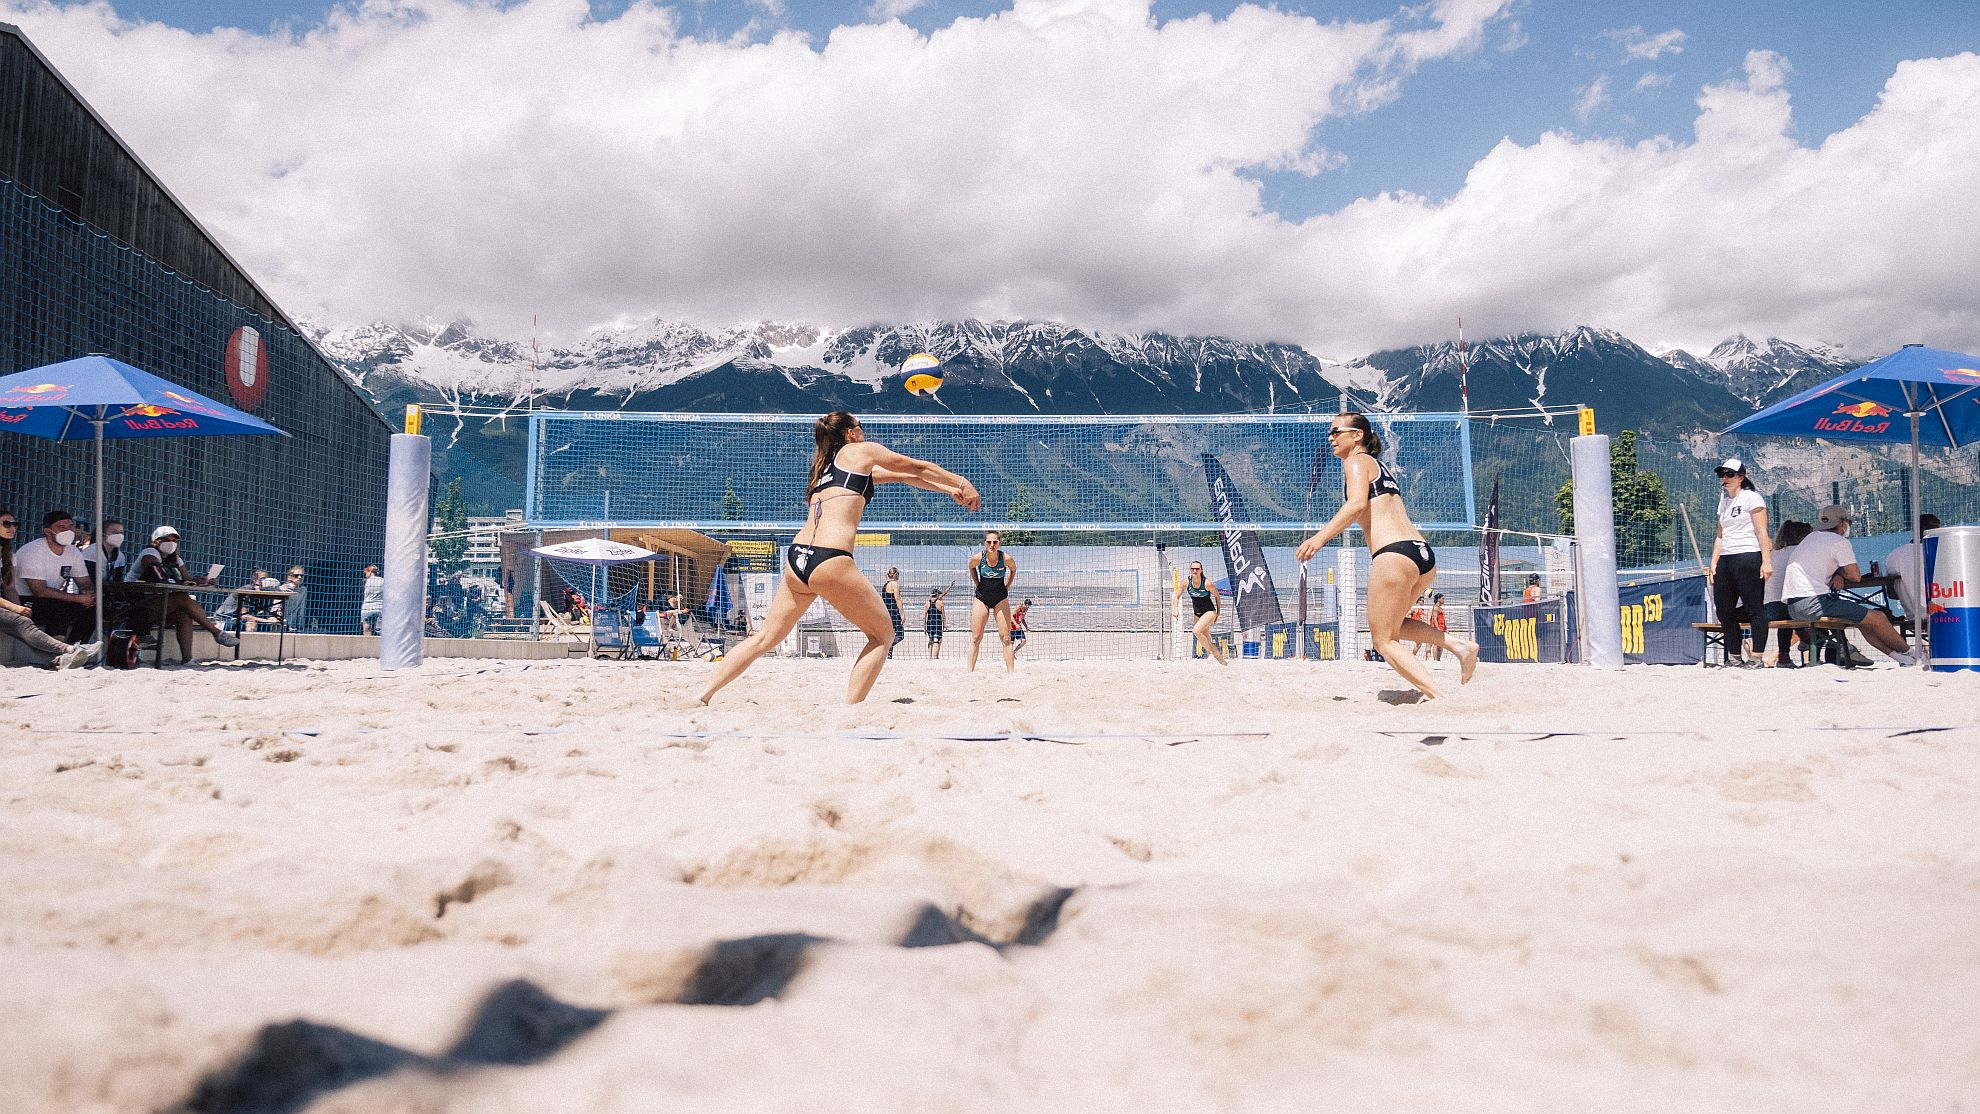 FOTO © My BeachEvent/Renè Kuen Morepikzz Fotografie